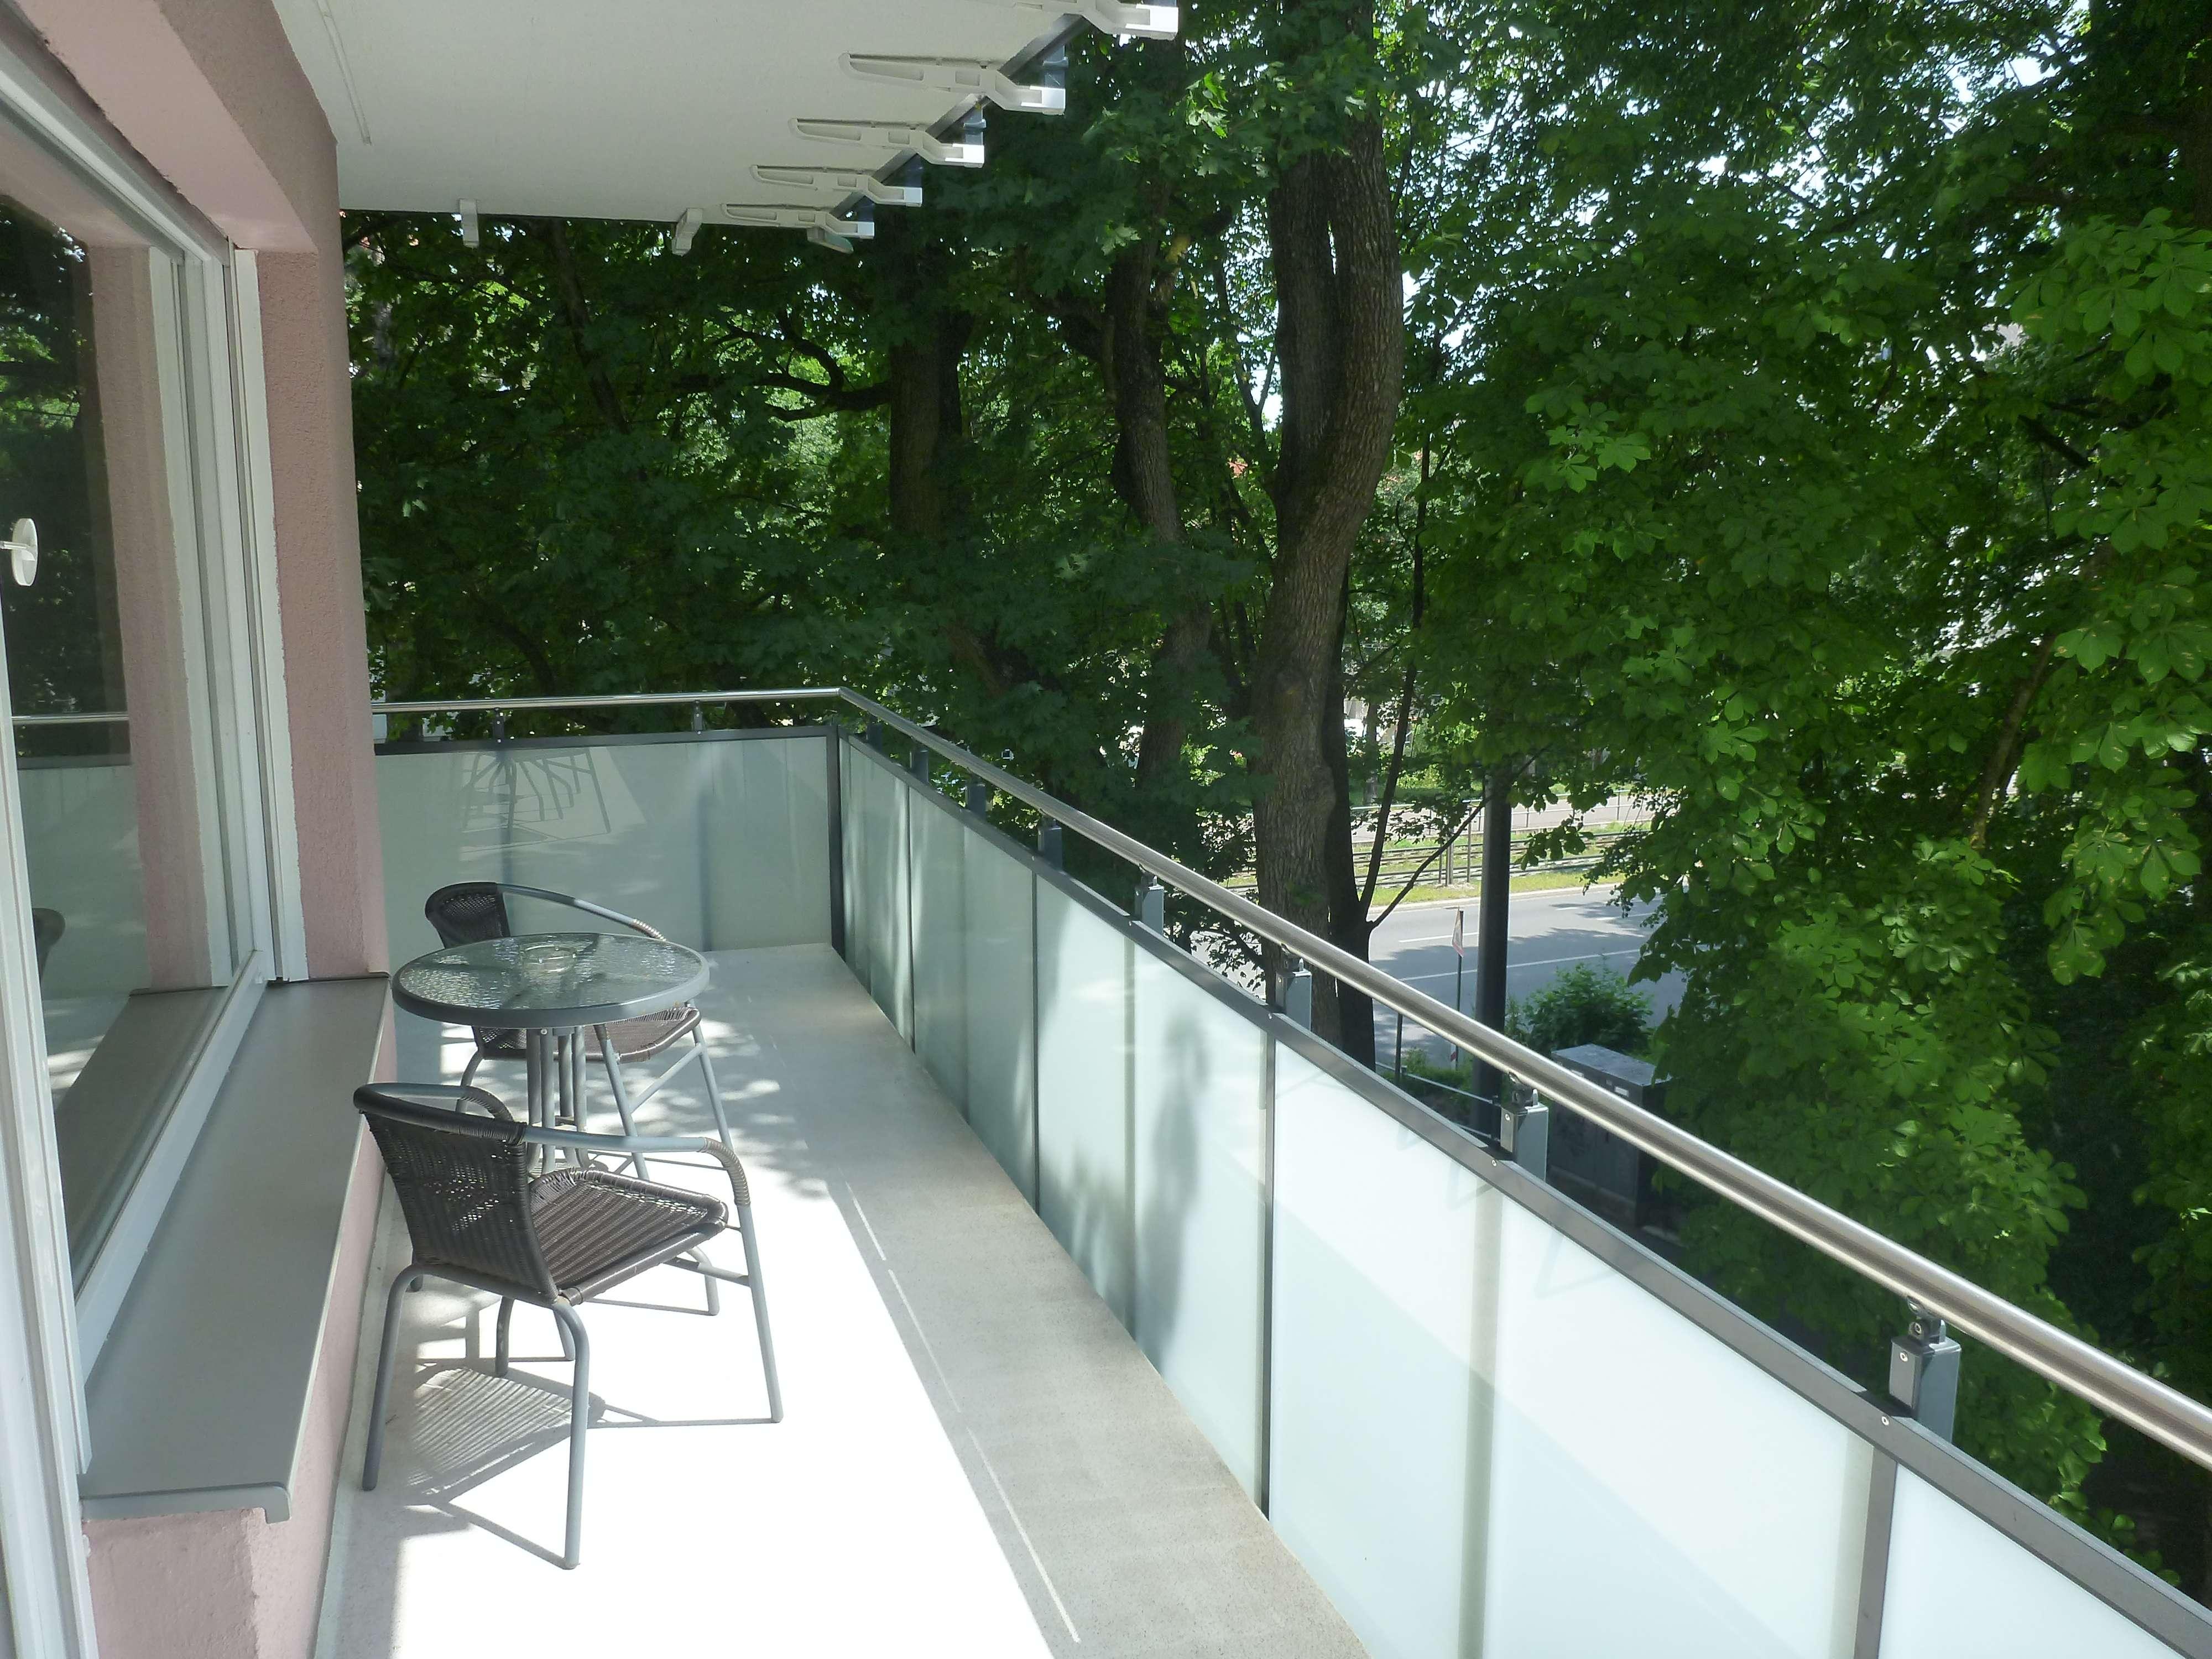 Repräsentative, möblierte 3-Zimmer-Wohnung mit Balkon am Roten Tor in Augsburg-Innenstadt